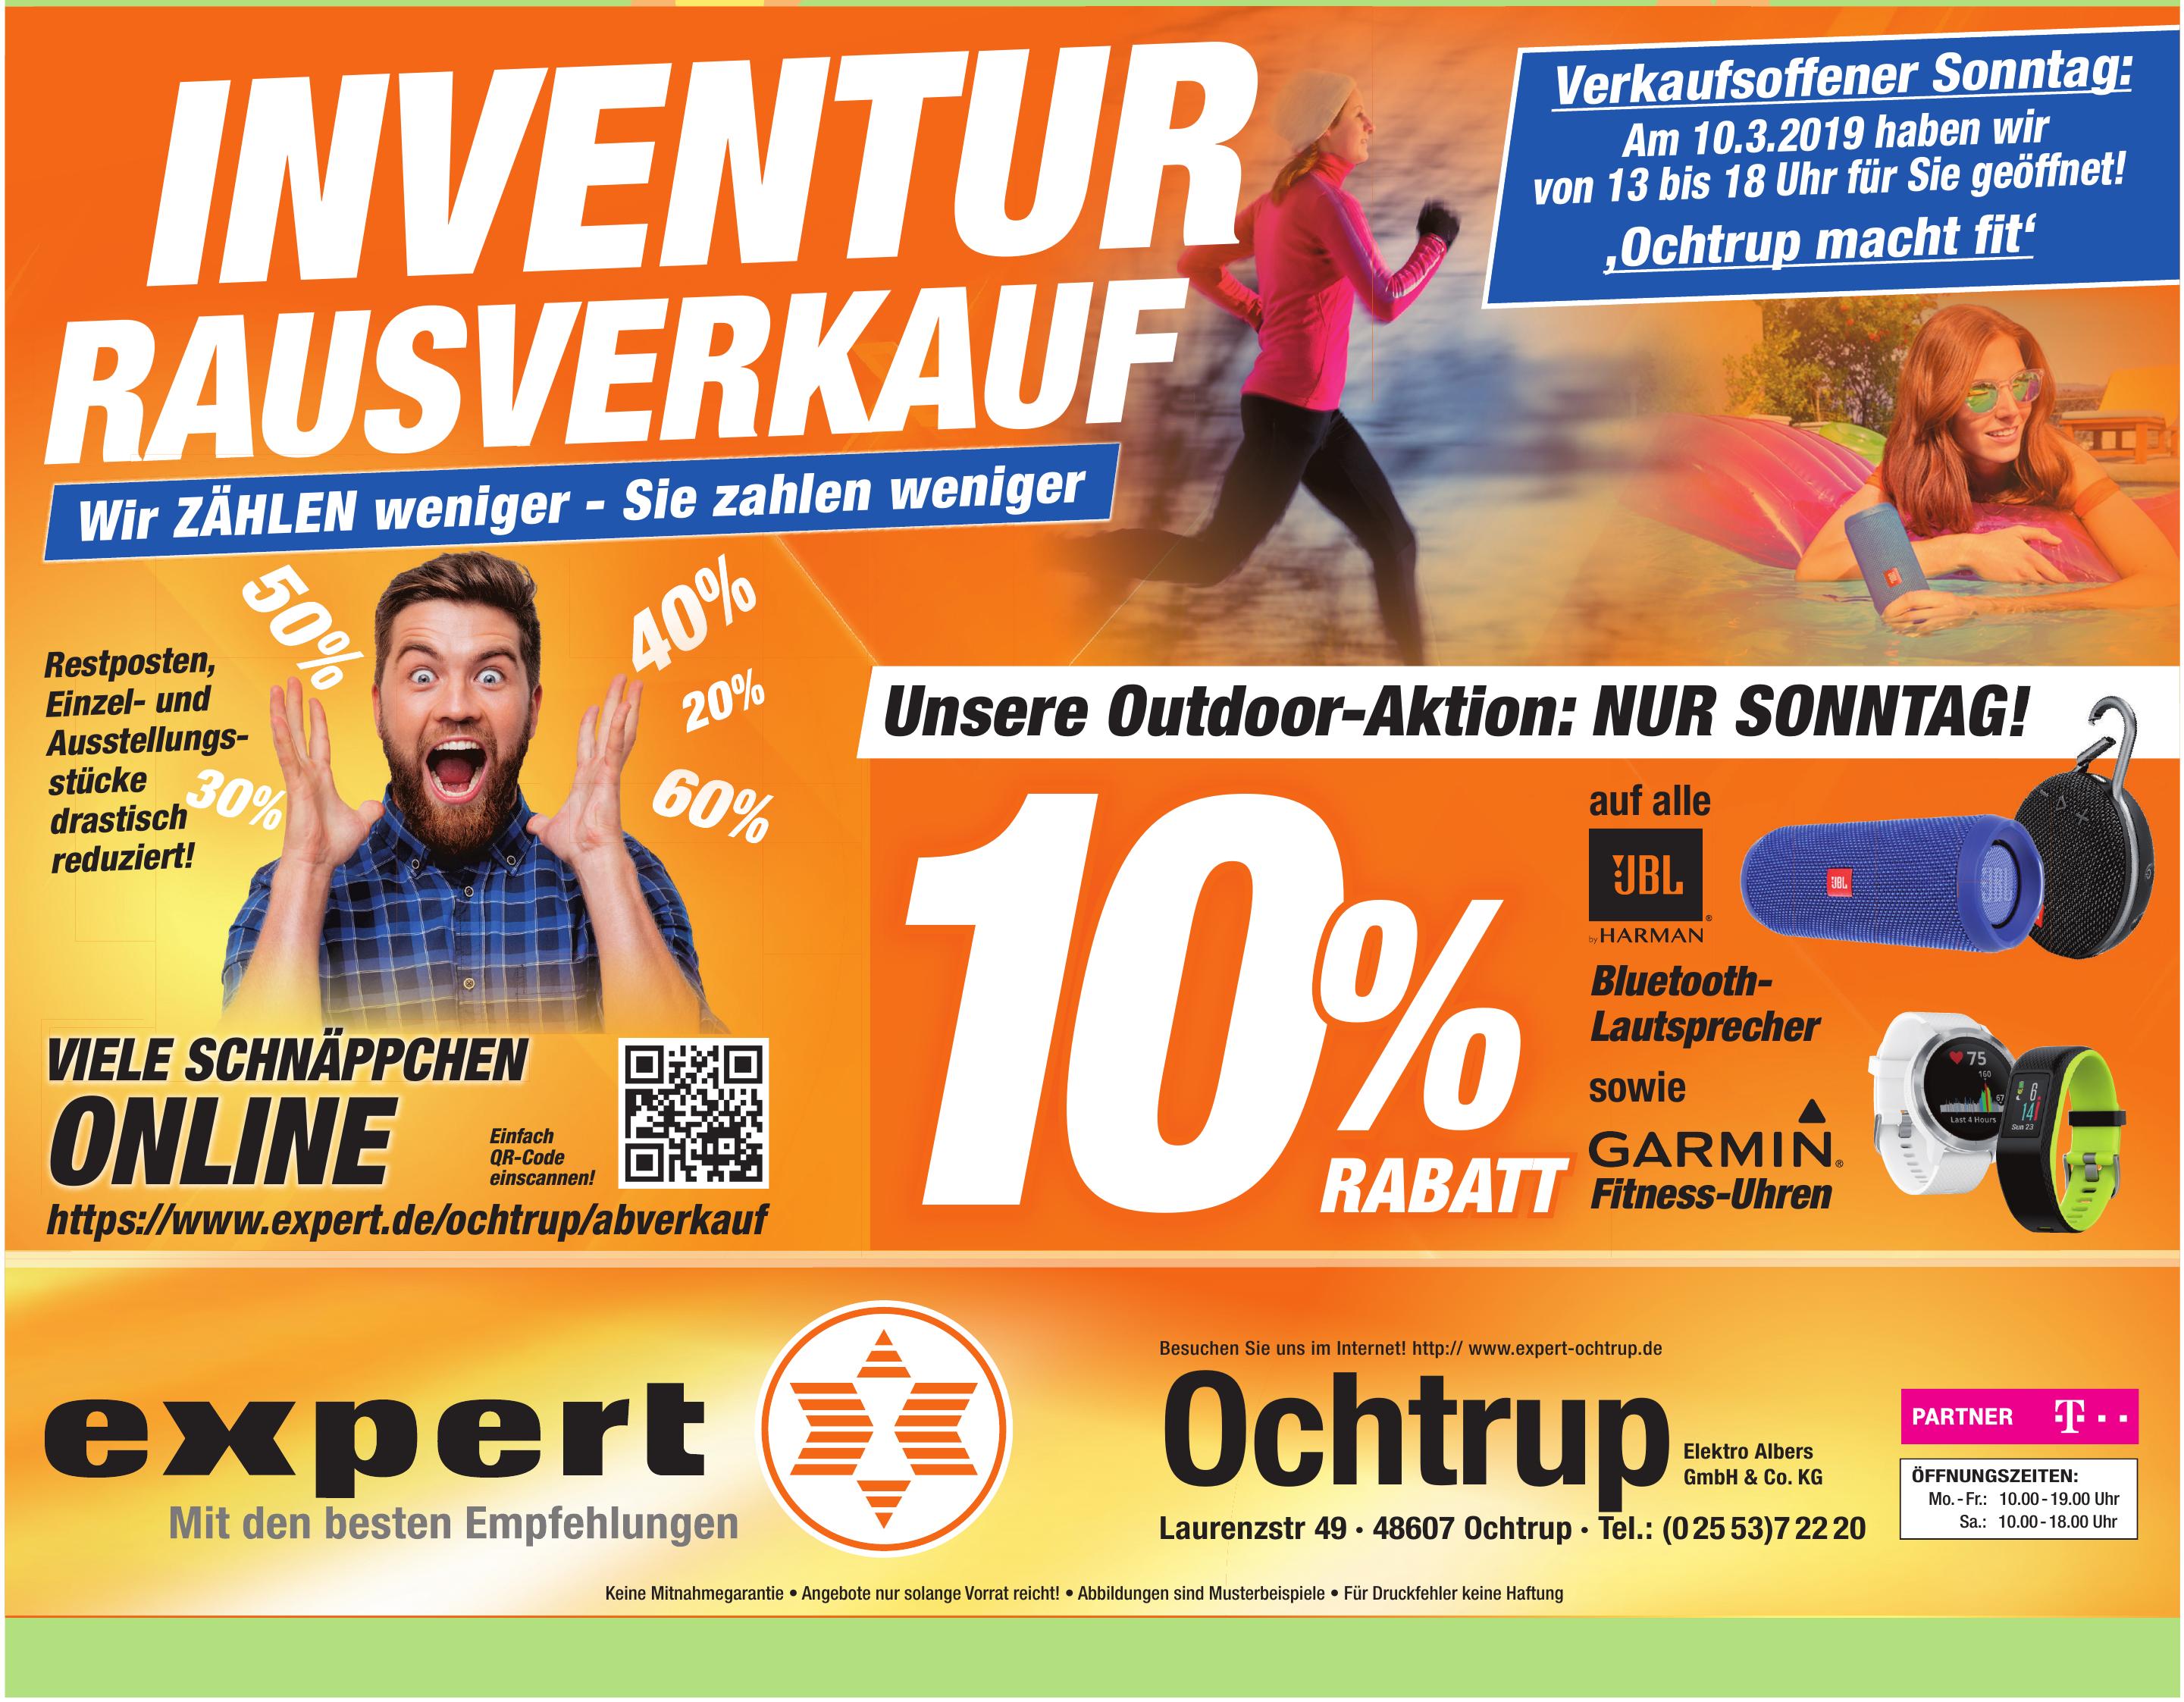 Ochtrup Elektro Albers GmbH und Co.KG